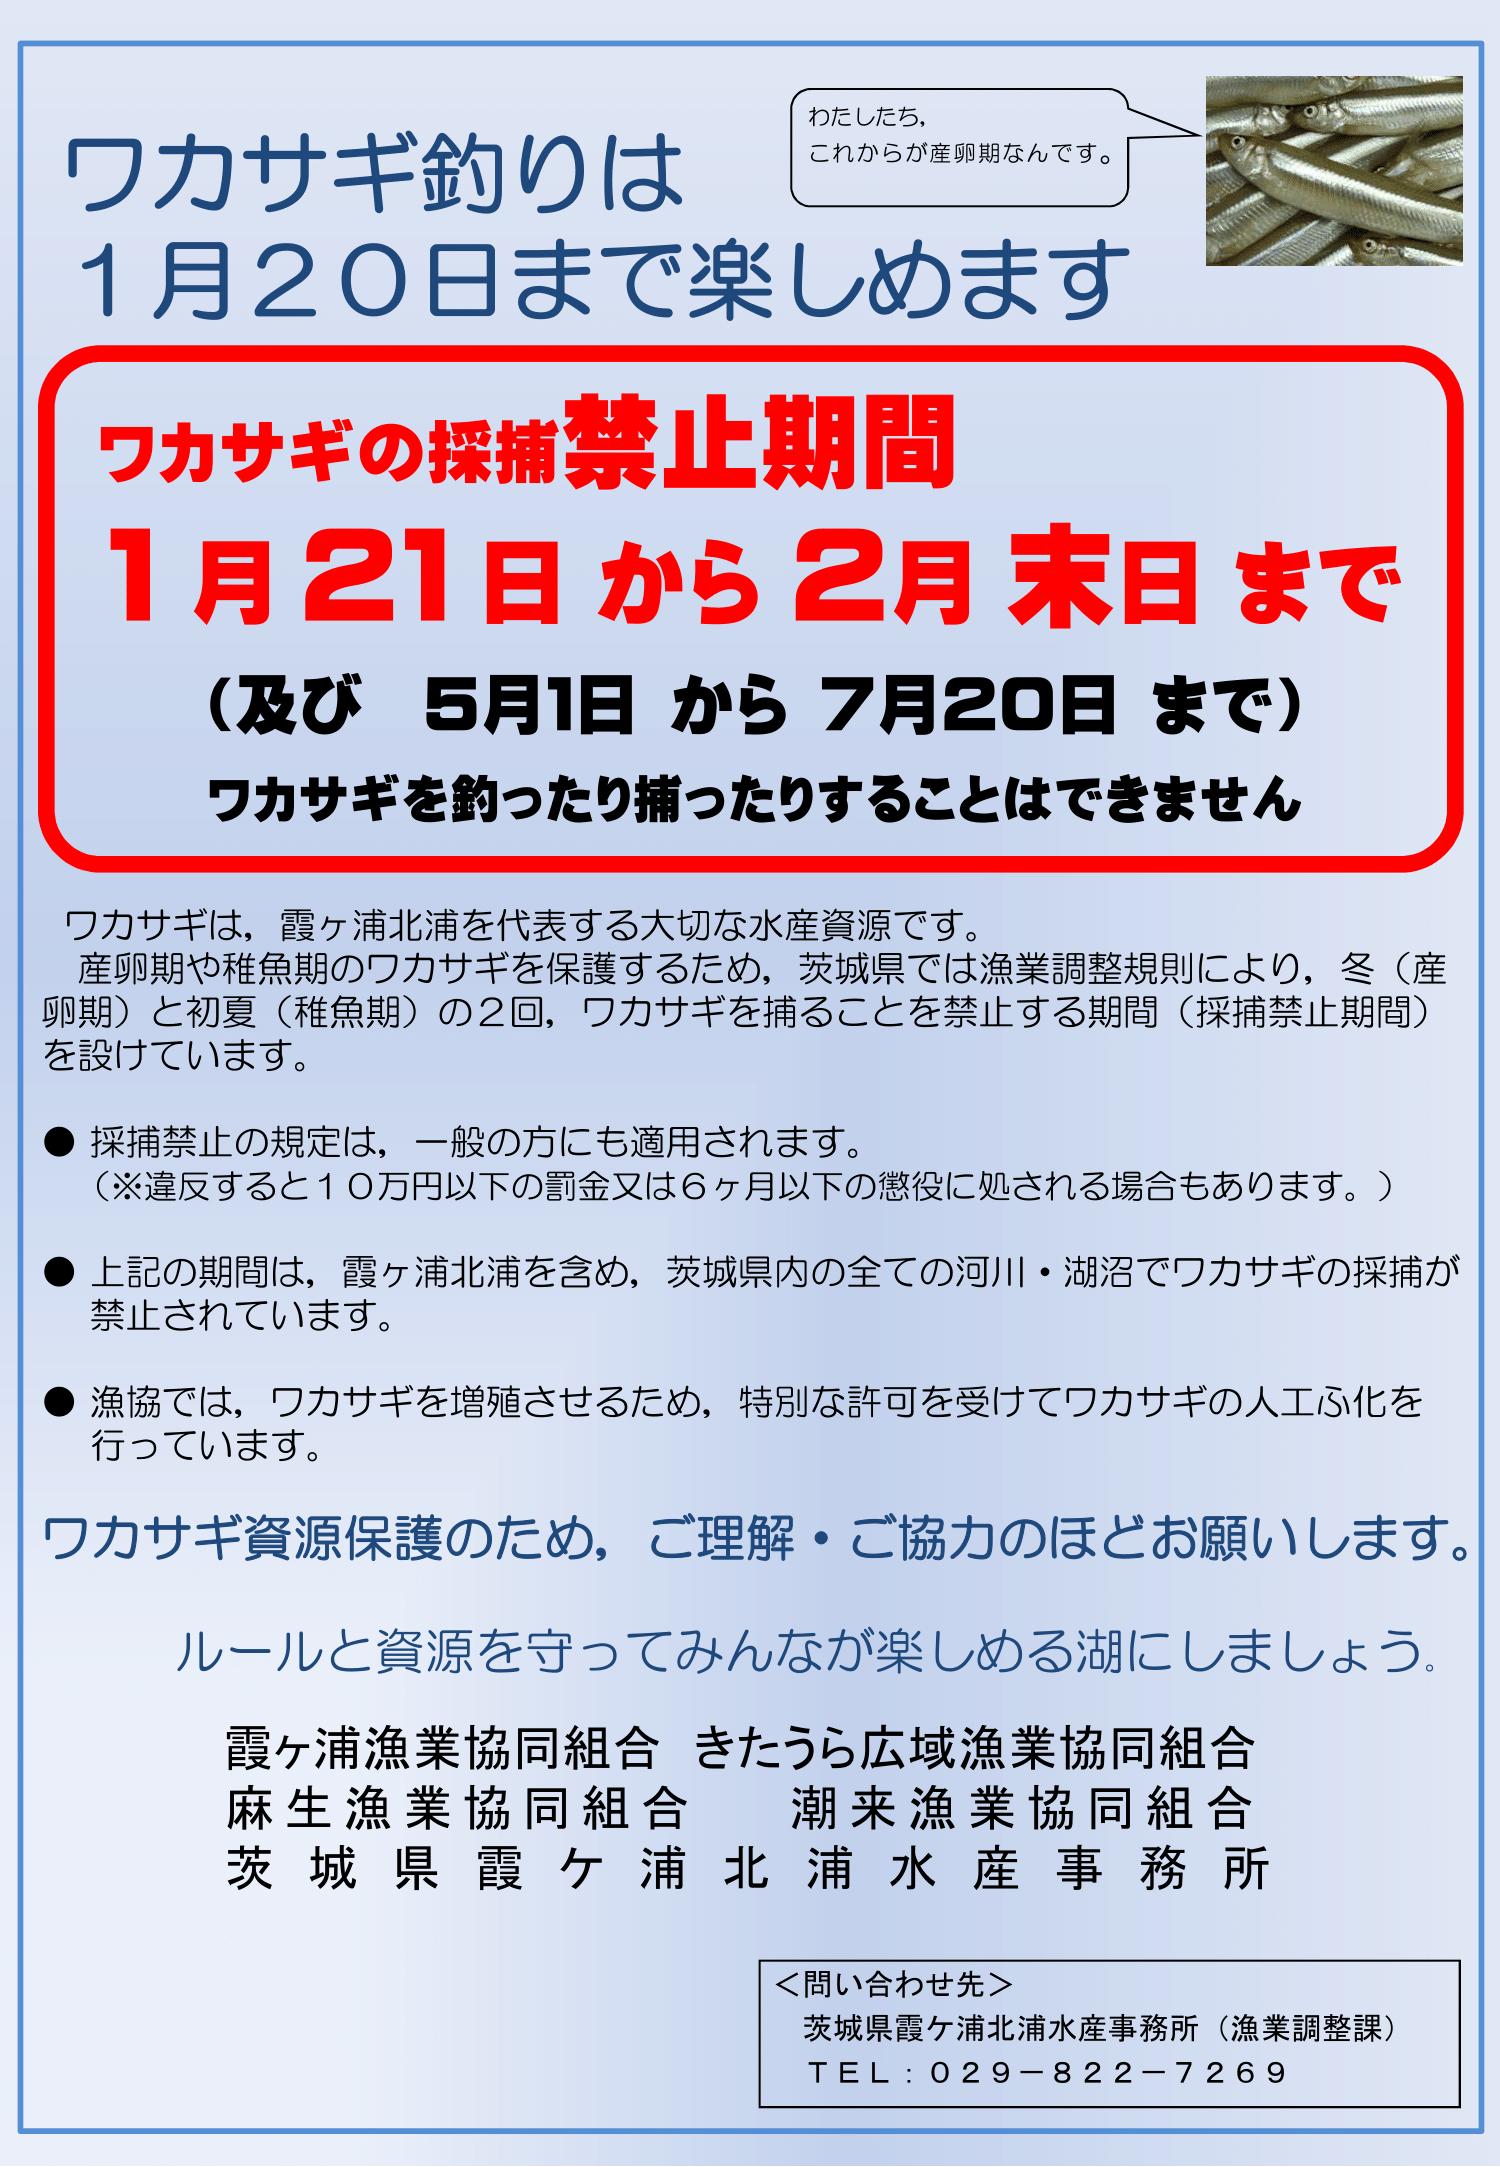 wakasagituriha1-20made2-1.png